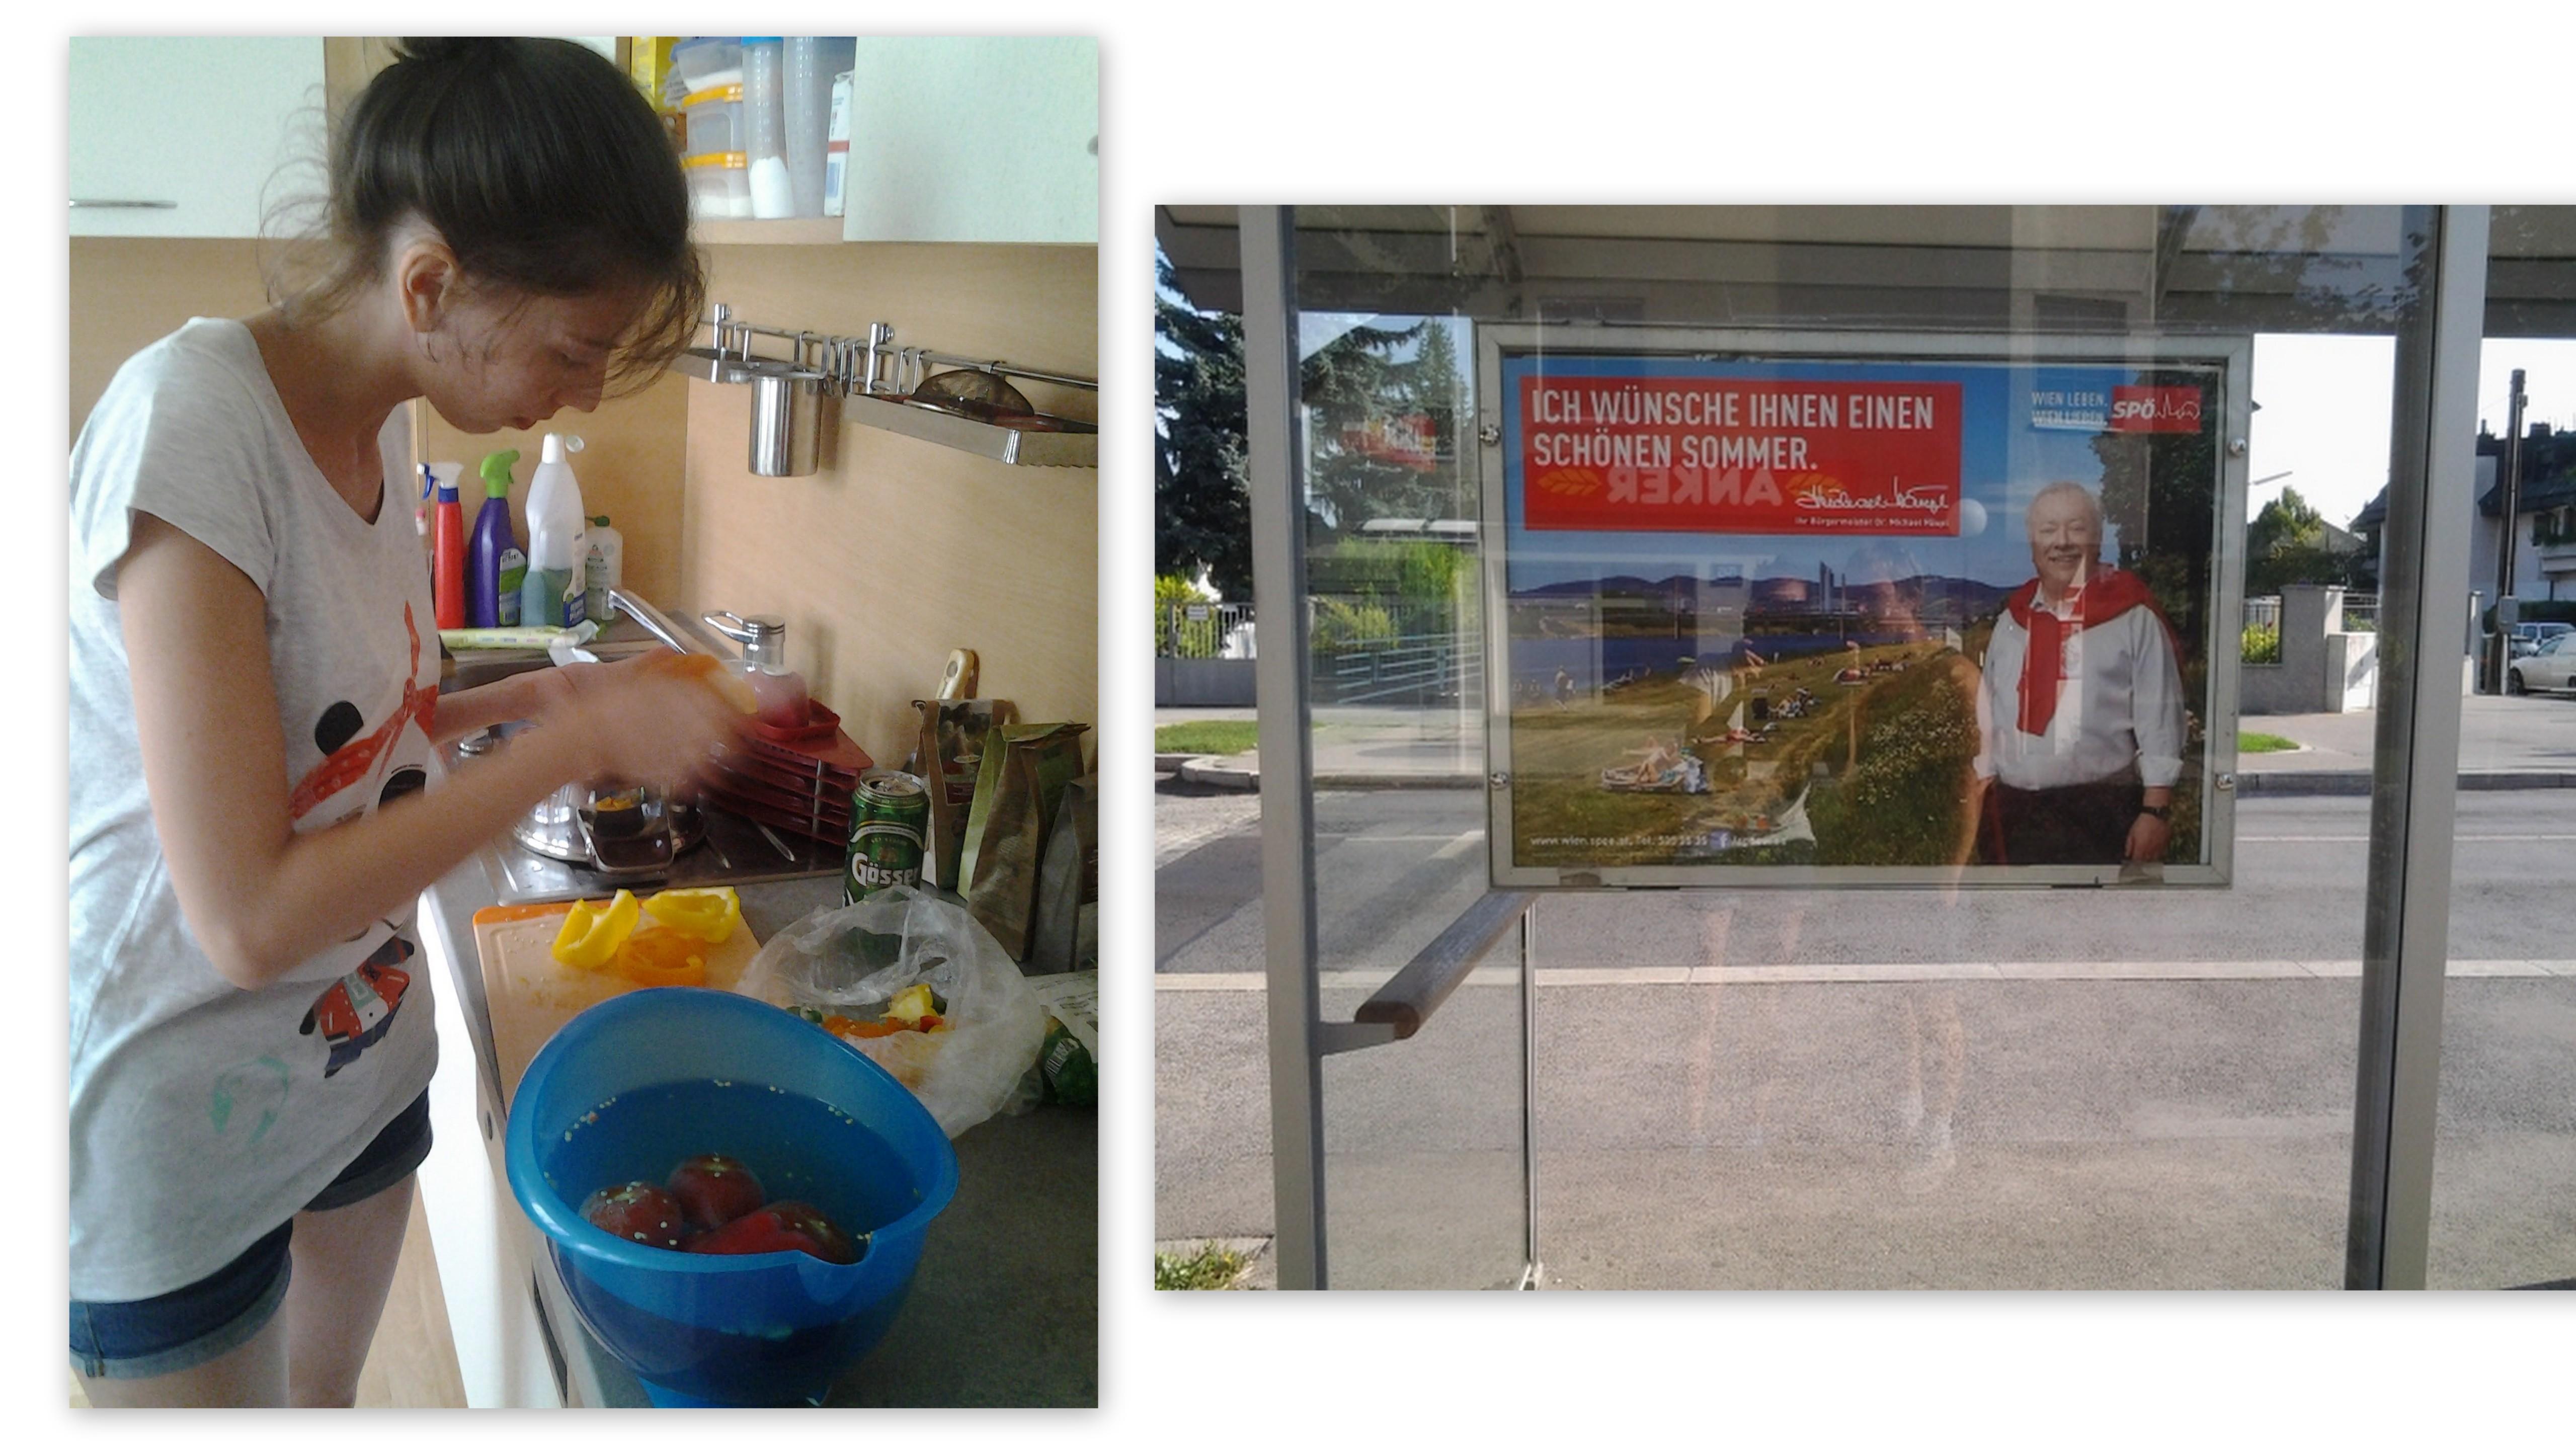 Слева- кухня Хоста, справа - мэр Вены в рекламе кока-колы.